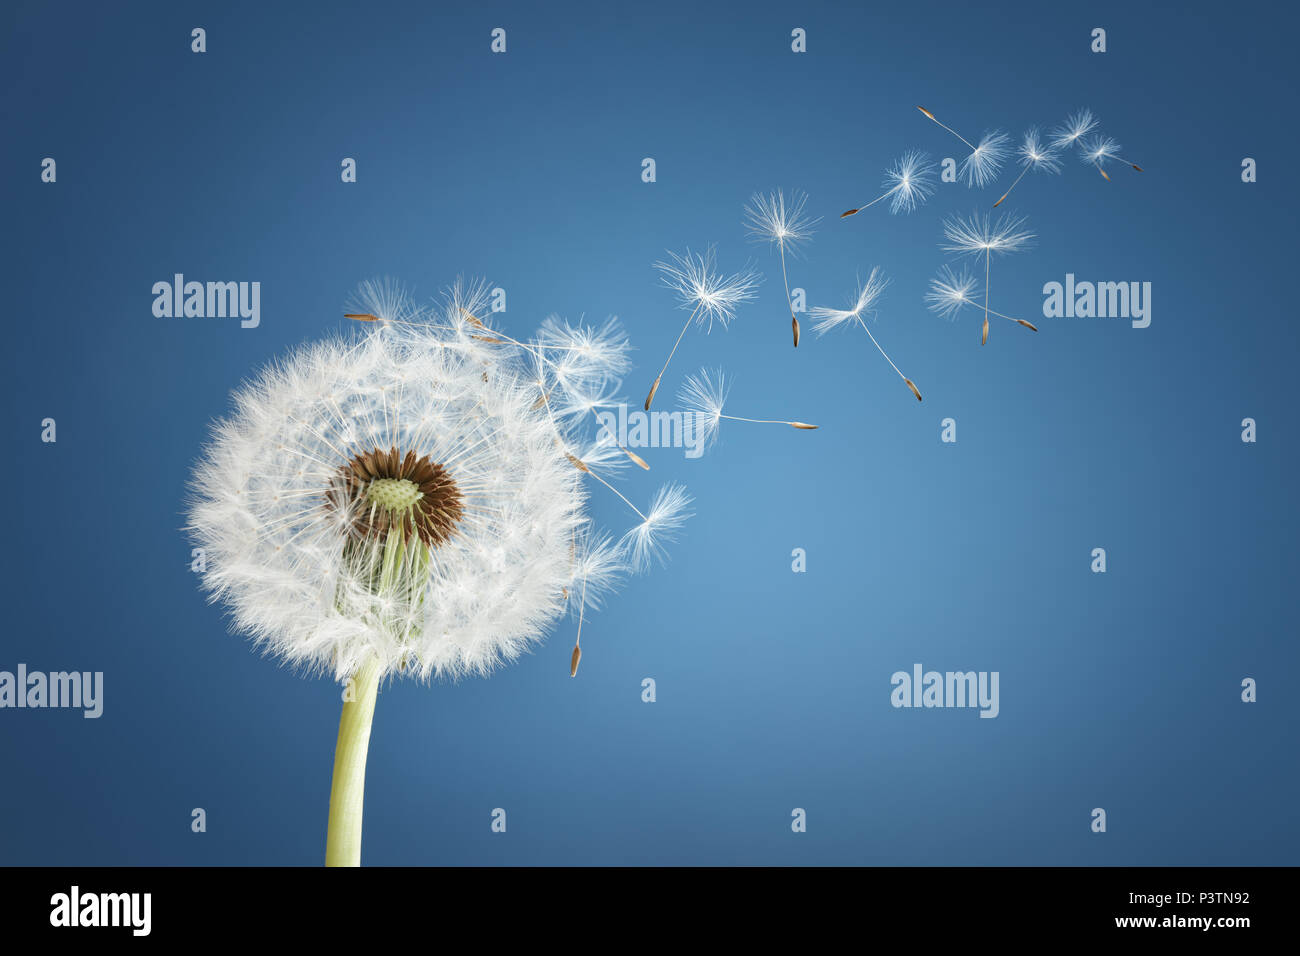 Löwenzahn mit Samen verwehen im Wind über einen strahlend blauen Himmel mit Textfreiraum Stockbild